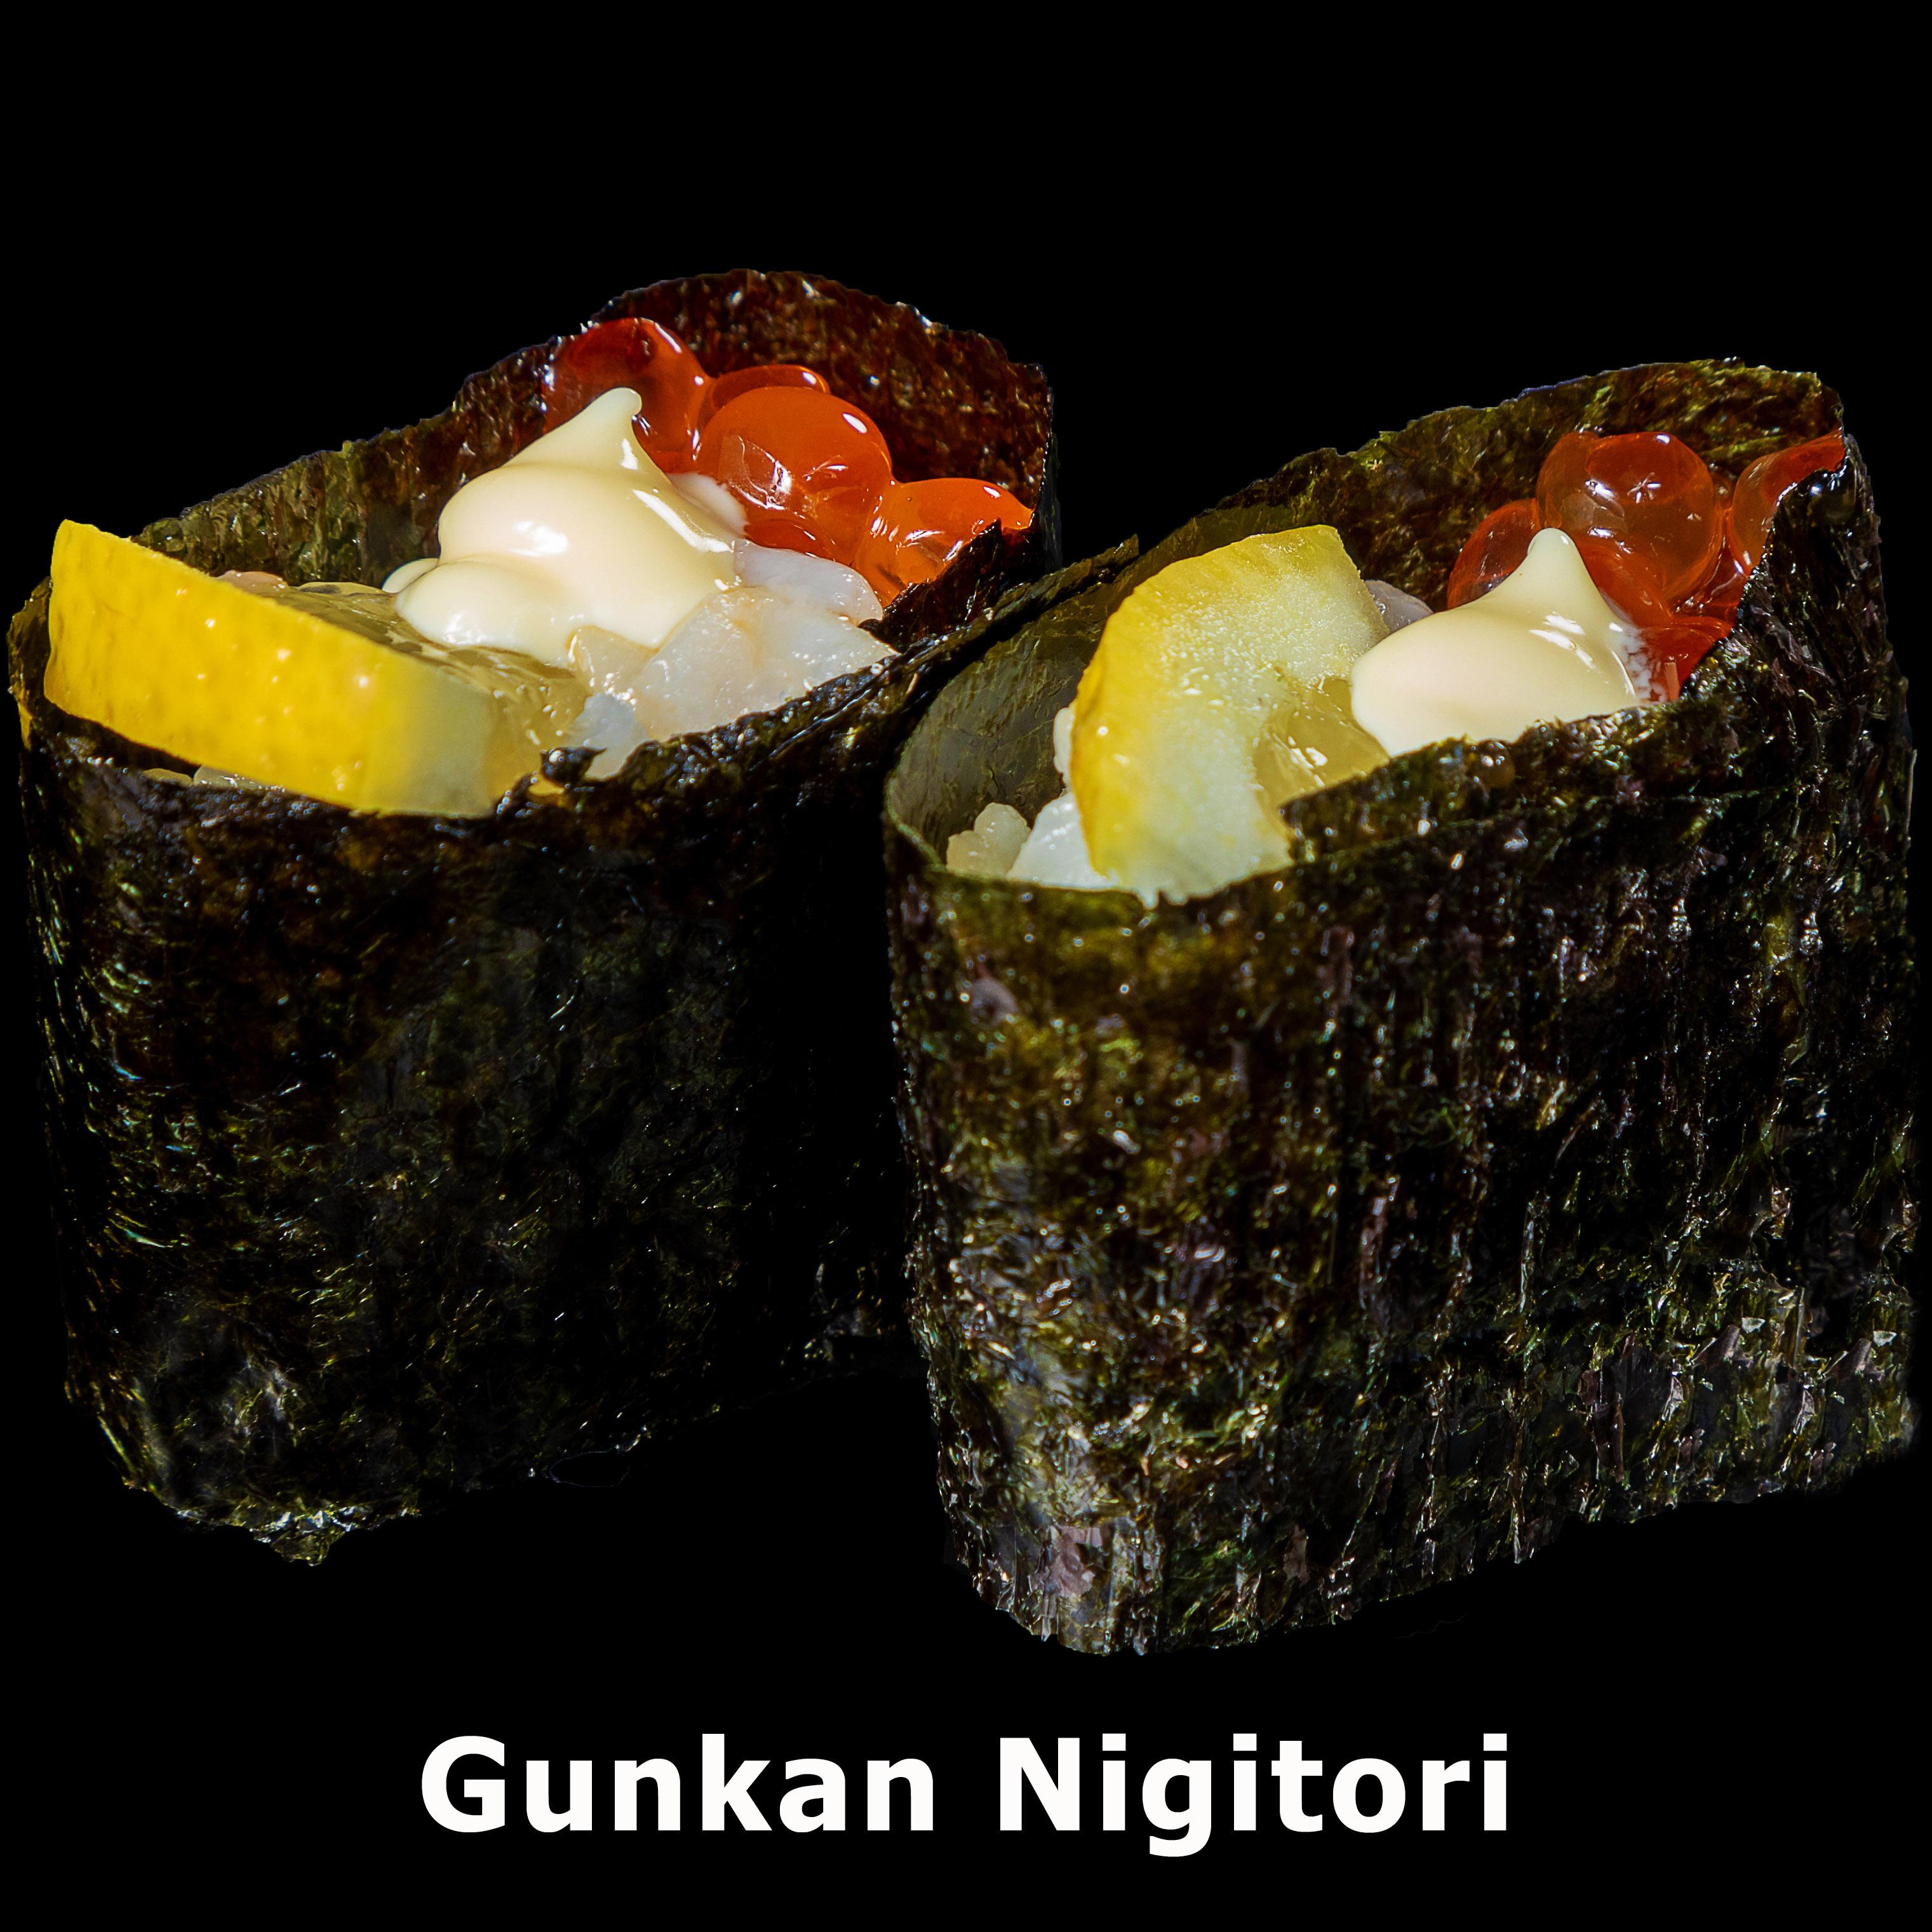 82. Gunkan Nigitori